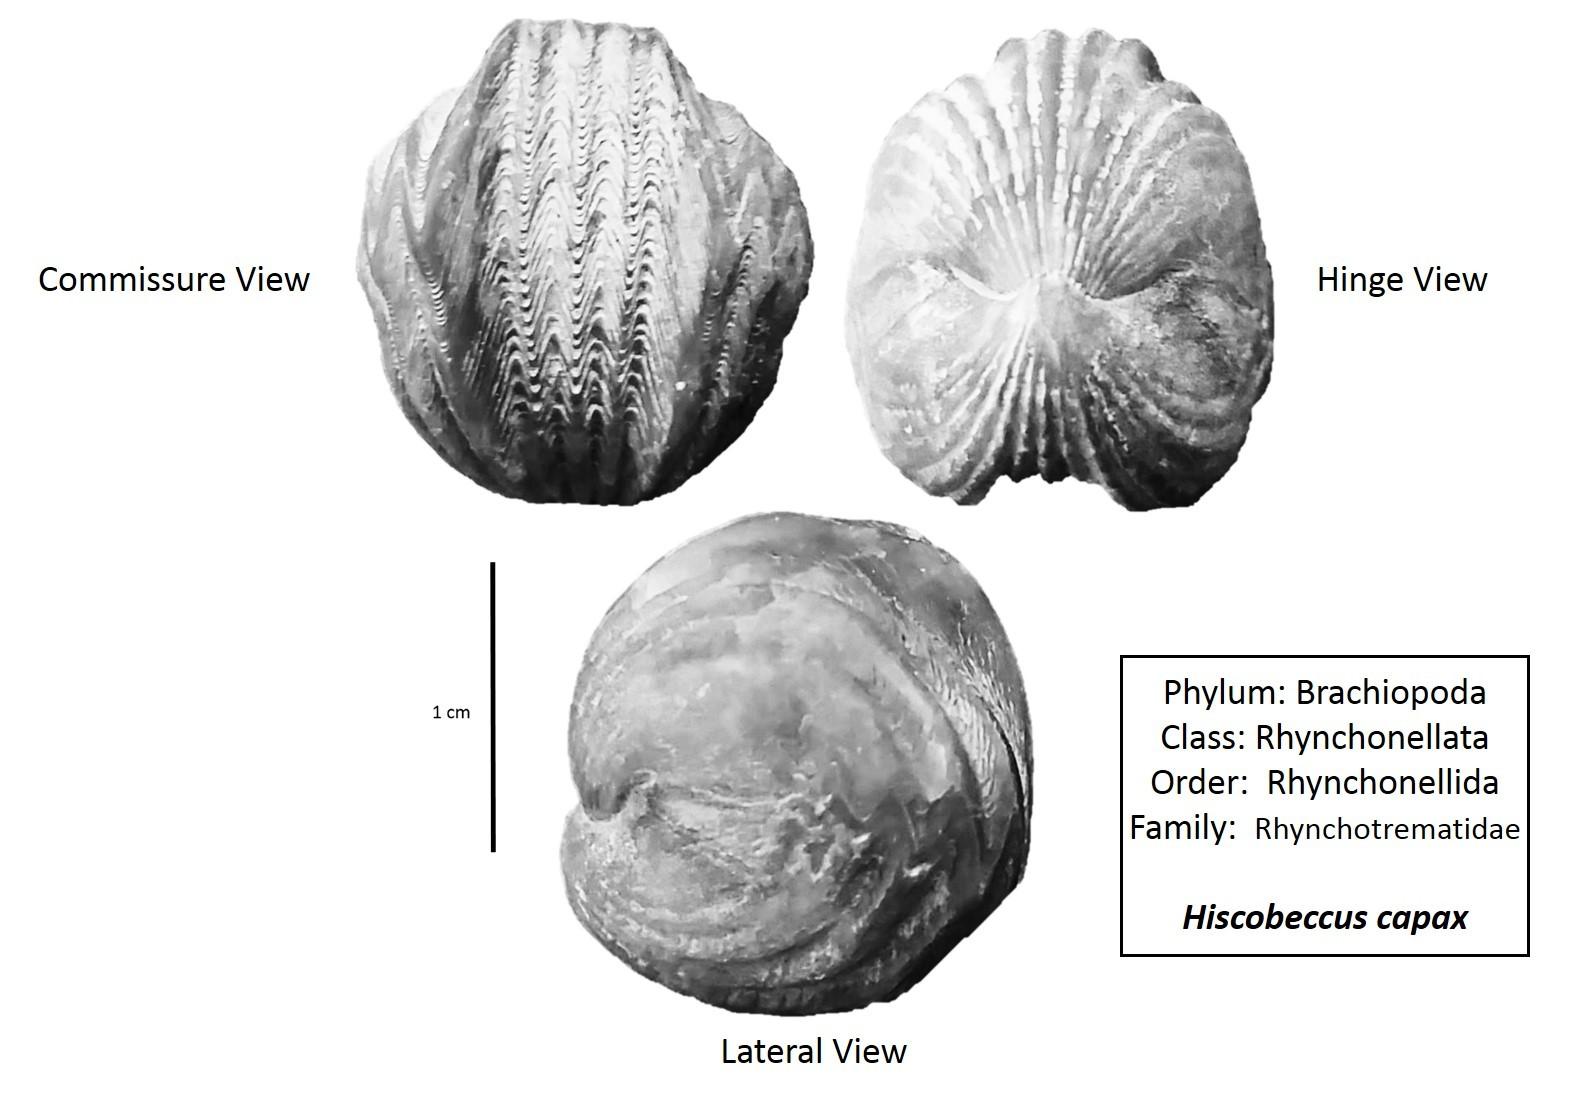 Hiscobeccus capax